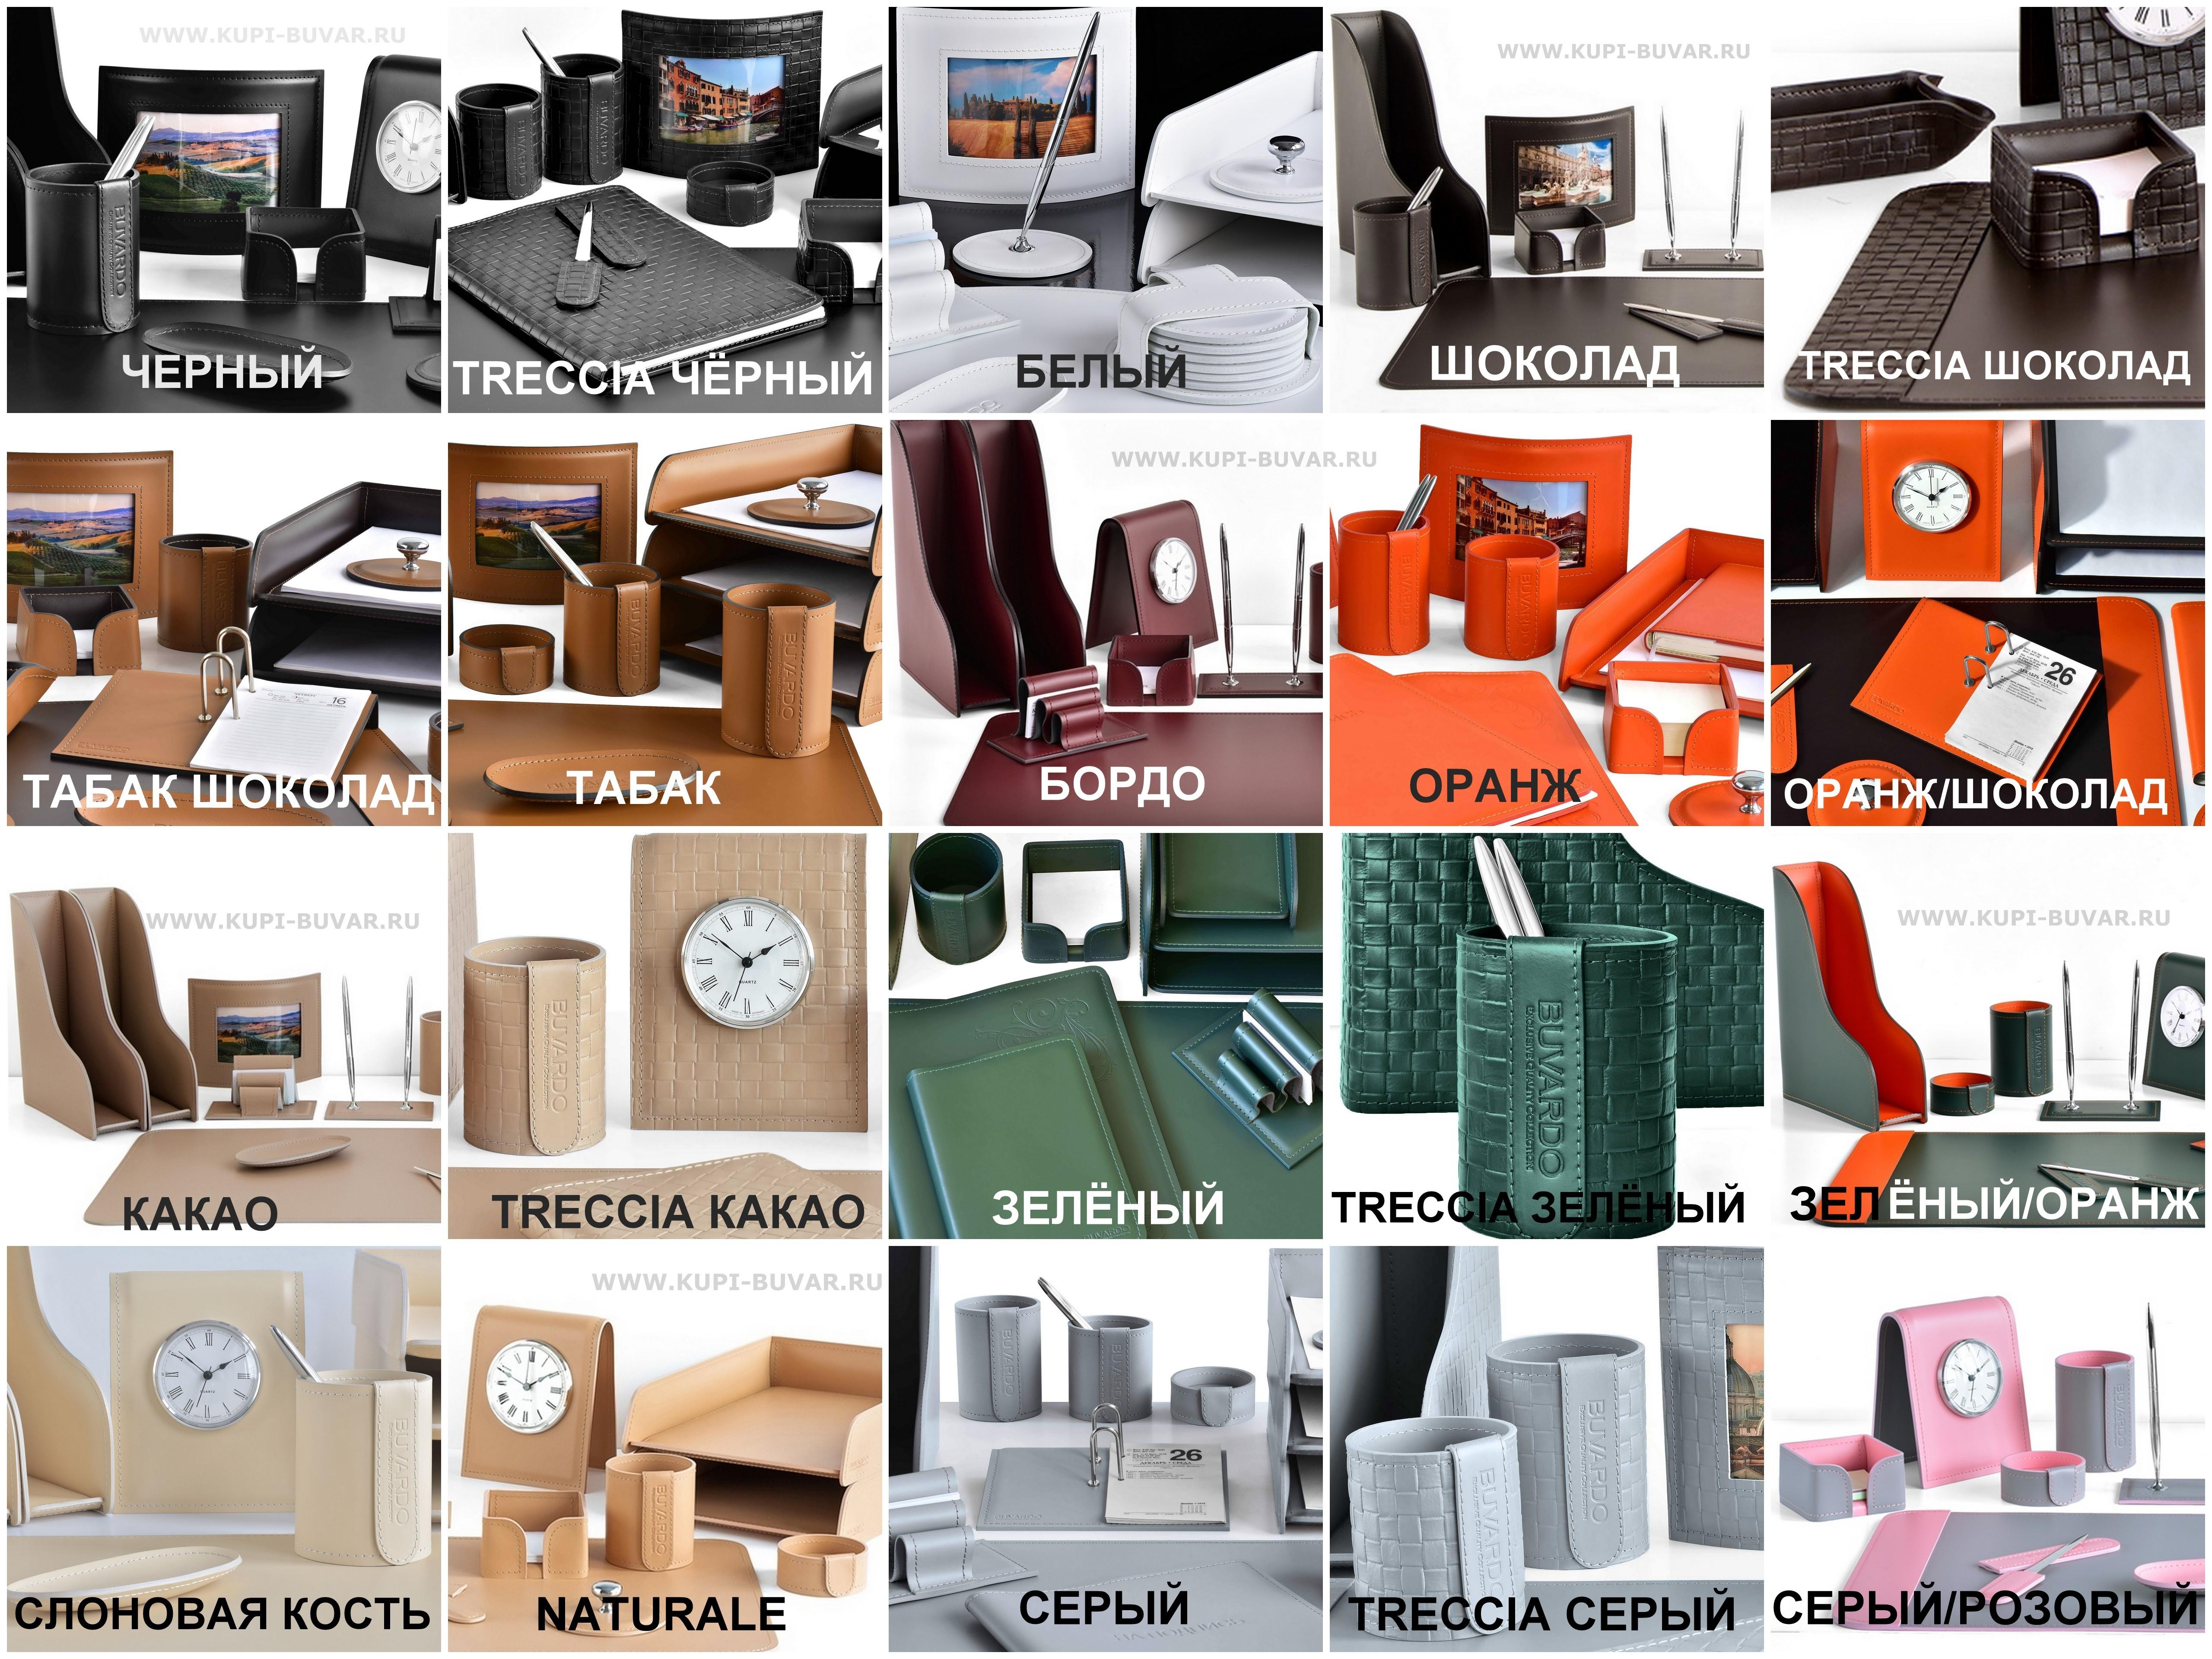 Варианты цвета кожи Cuoietto для бювара и наборов на стол руководителя.